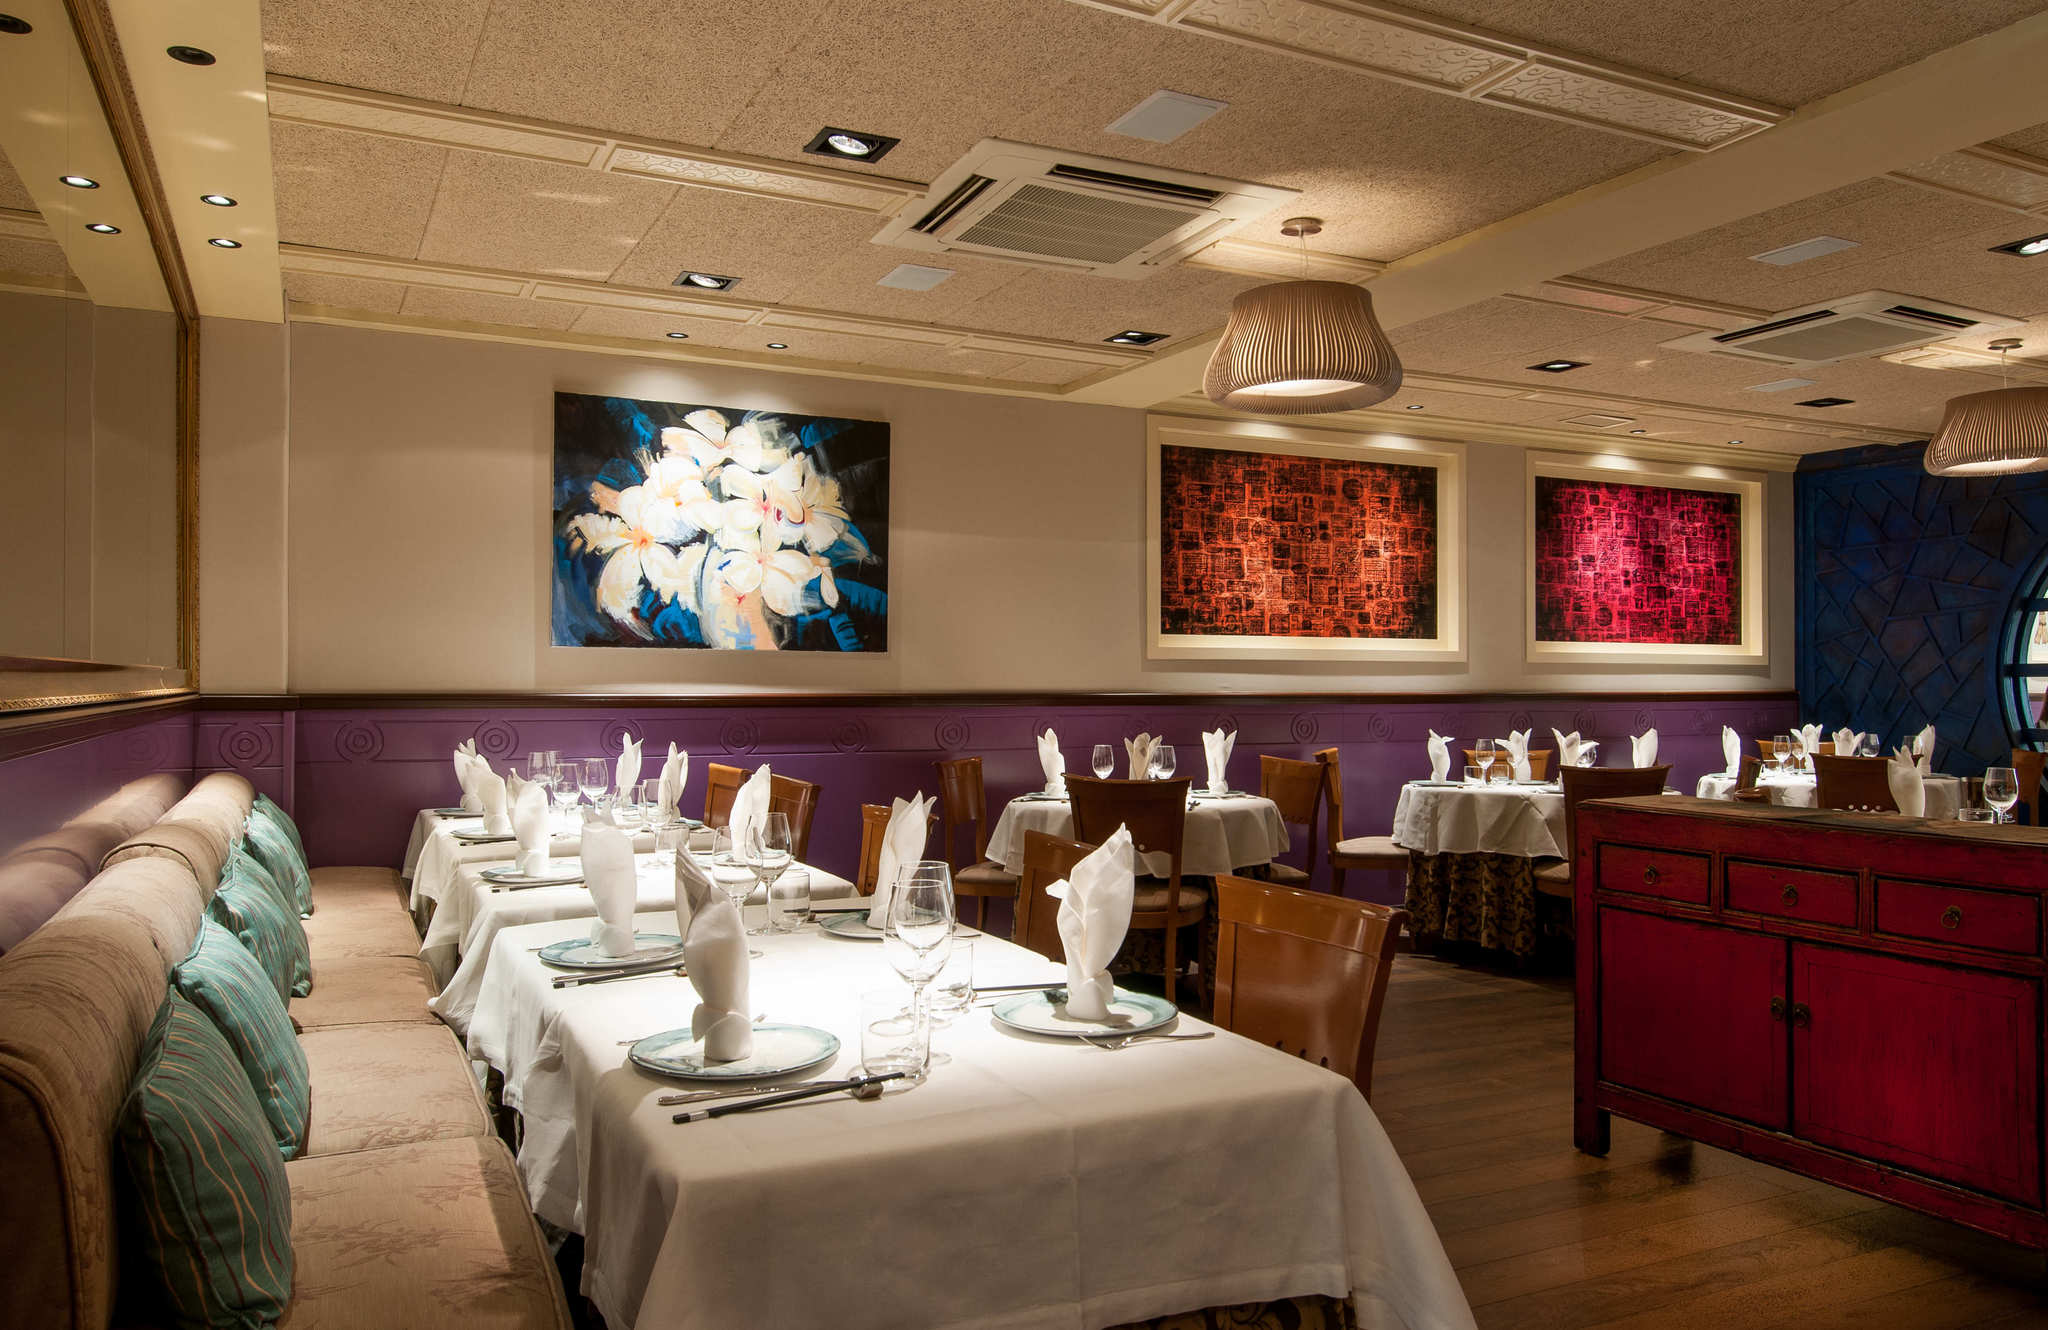 Sala de The One con los cuadros pintados por Dave Cheng.